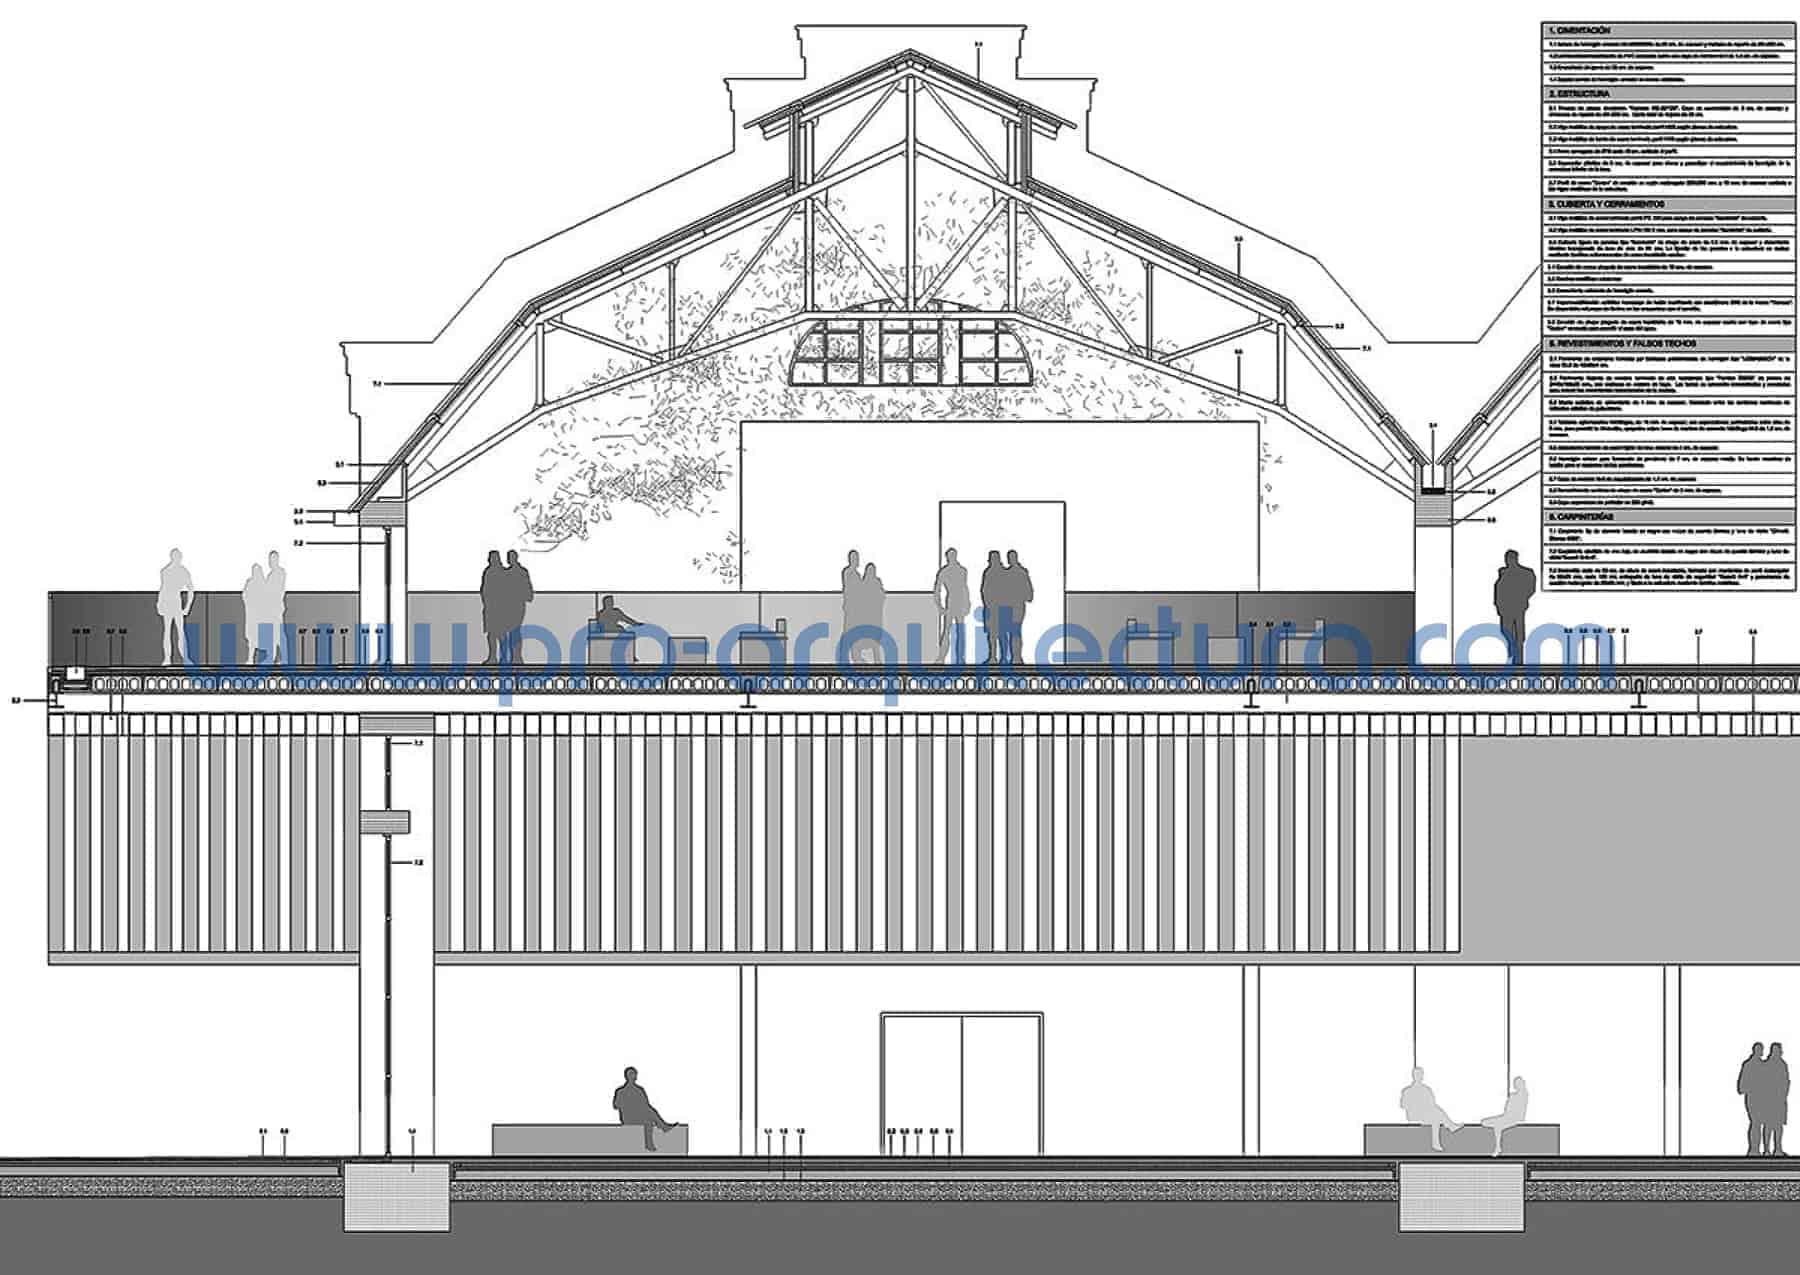 0007-02 Rehabilitación - Pabellón polideportivo - Sección y detalles constructivos - Ayuda con la entrega del pfc pfg tfg tfm de arquitectura.